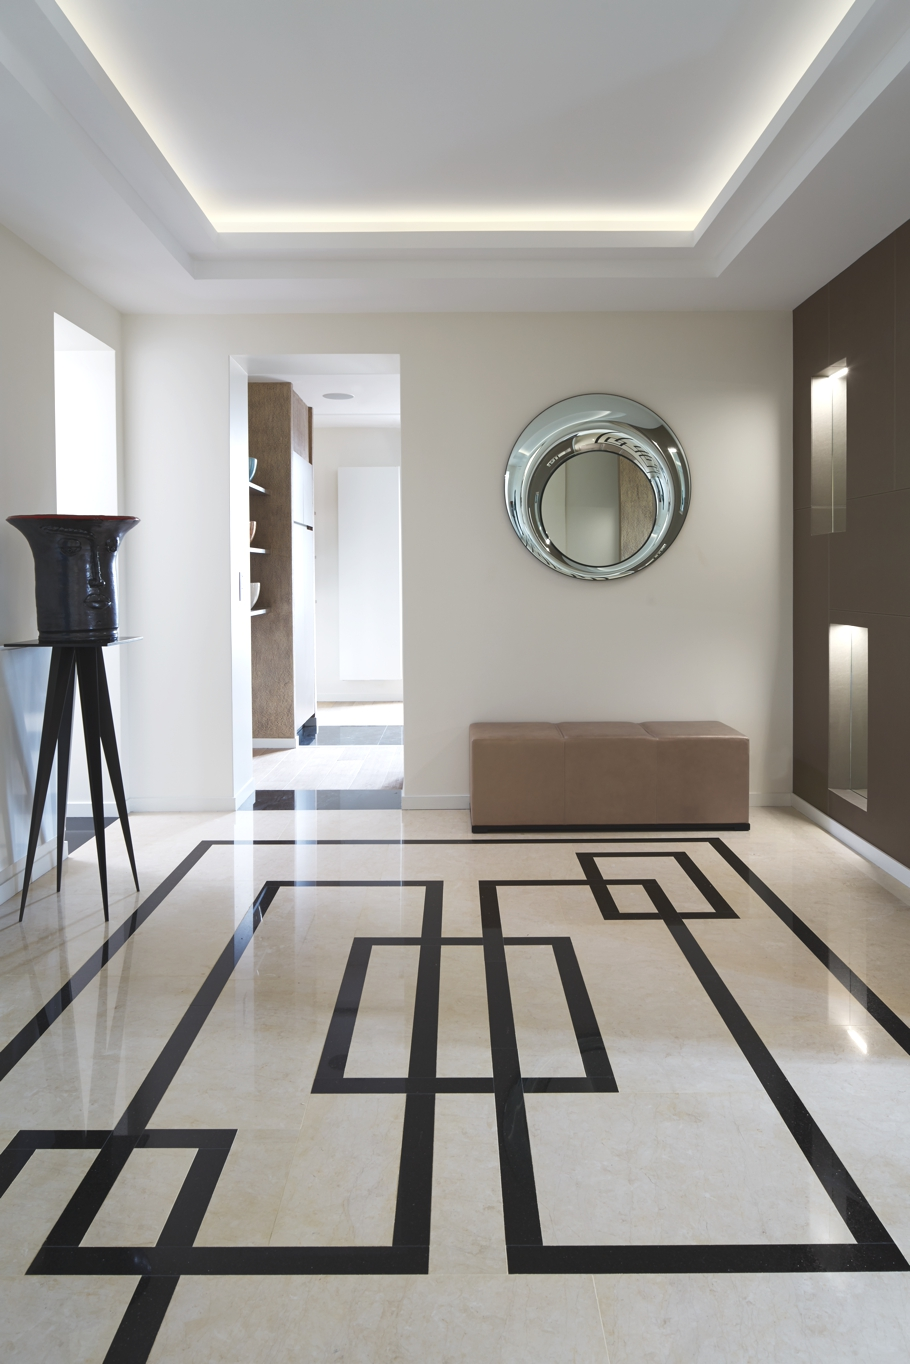 Дизайн интерьера апартаментов в винтажном стиле